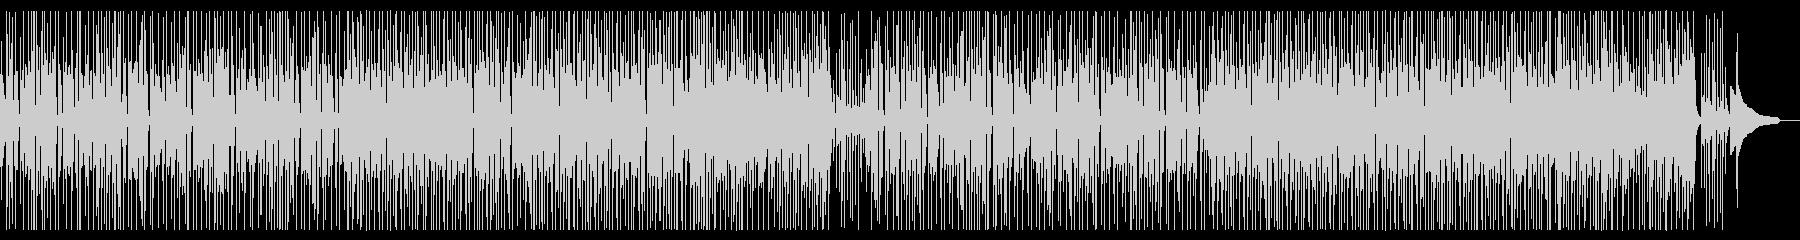 明るいミディアムテンポの三味線曲の未再生の波形